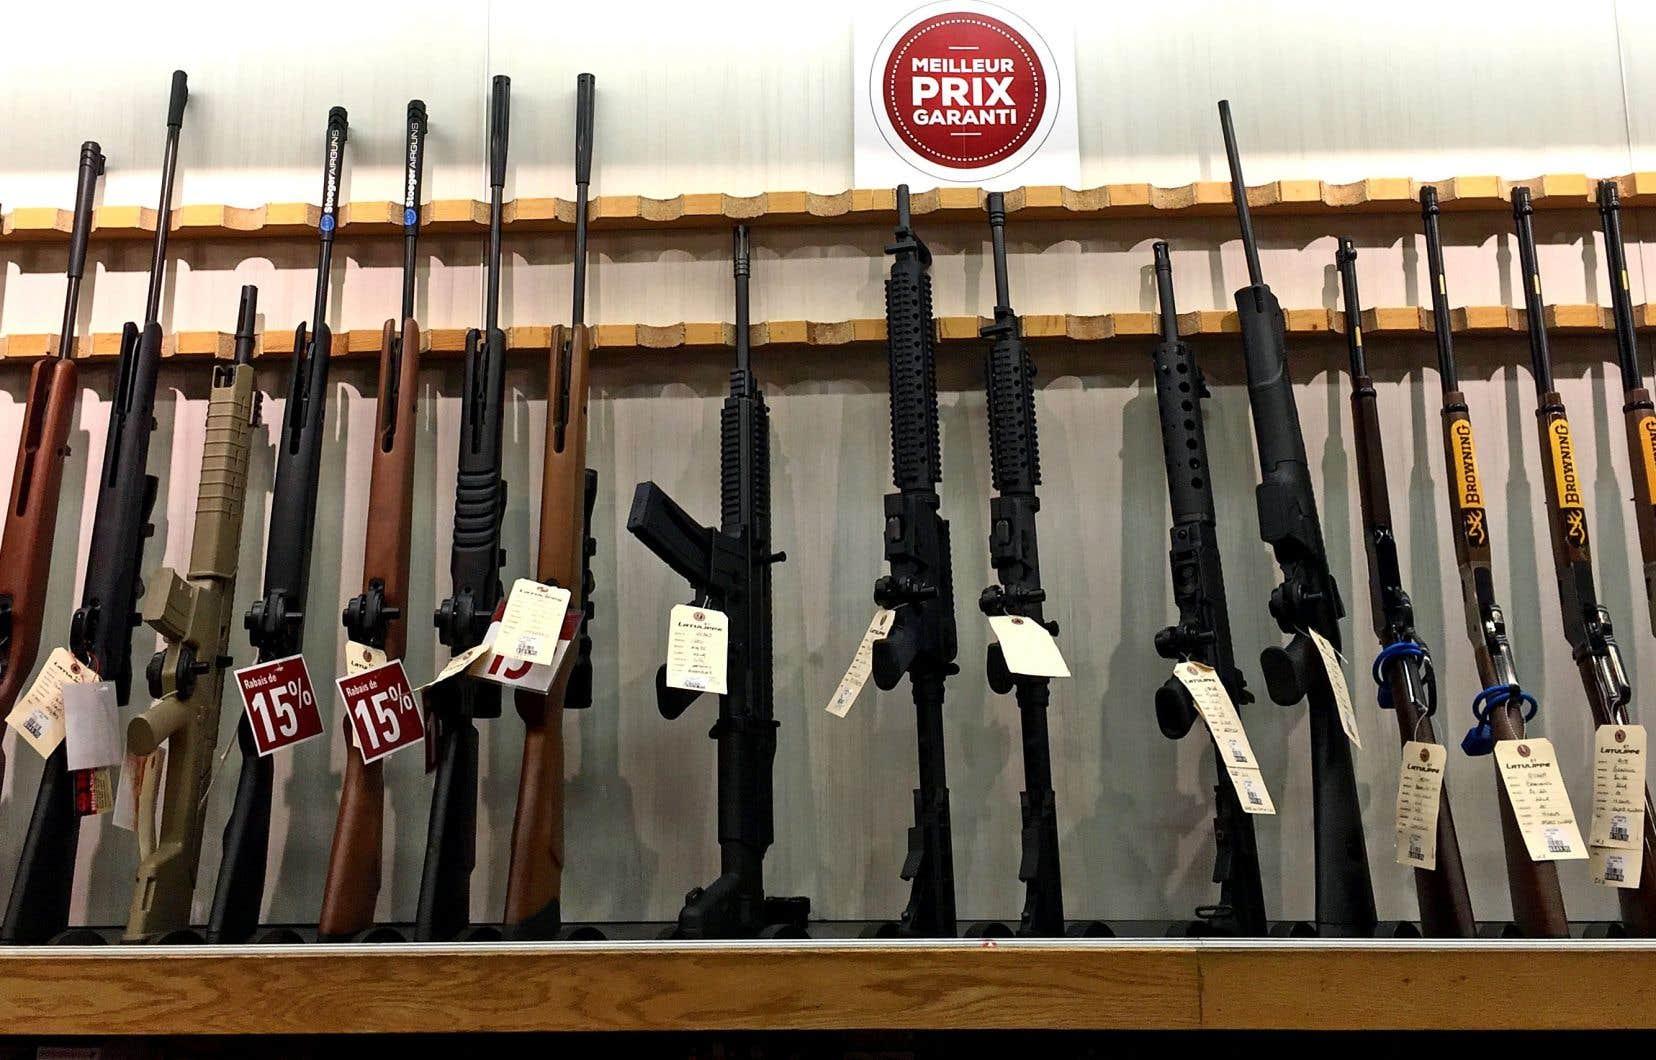 Lundi, le chef conservateur ne disait pas jusqu'à quand il continuerait d'interdire les 1500 modèles d'armes à feu.